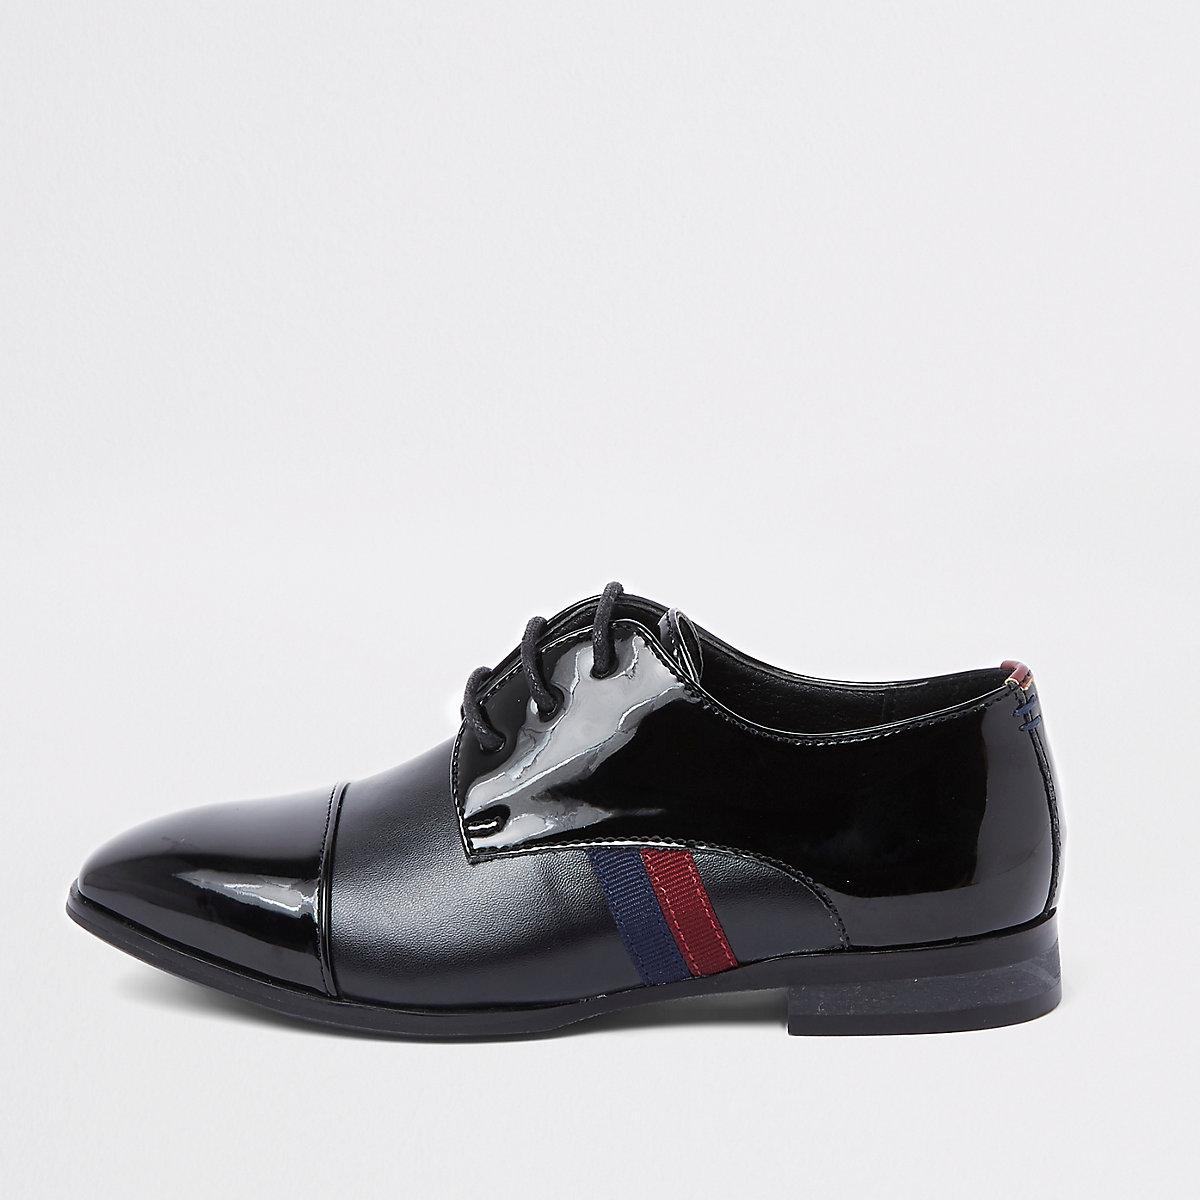 Chaussures noires vernies à bandes latérales garçon